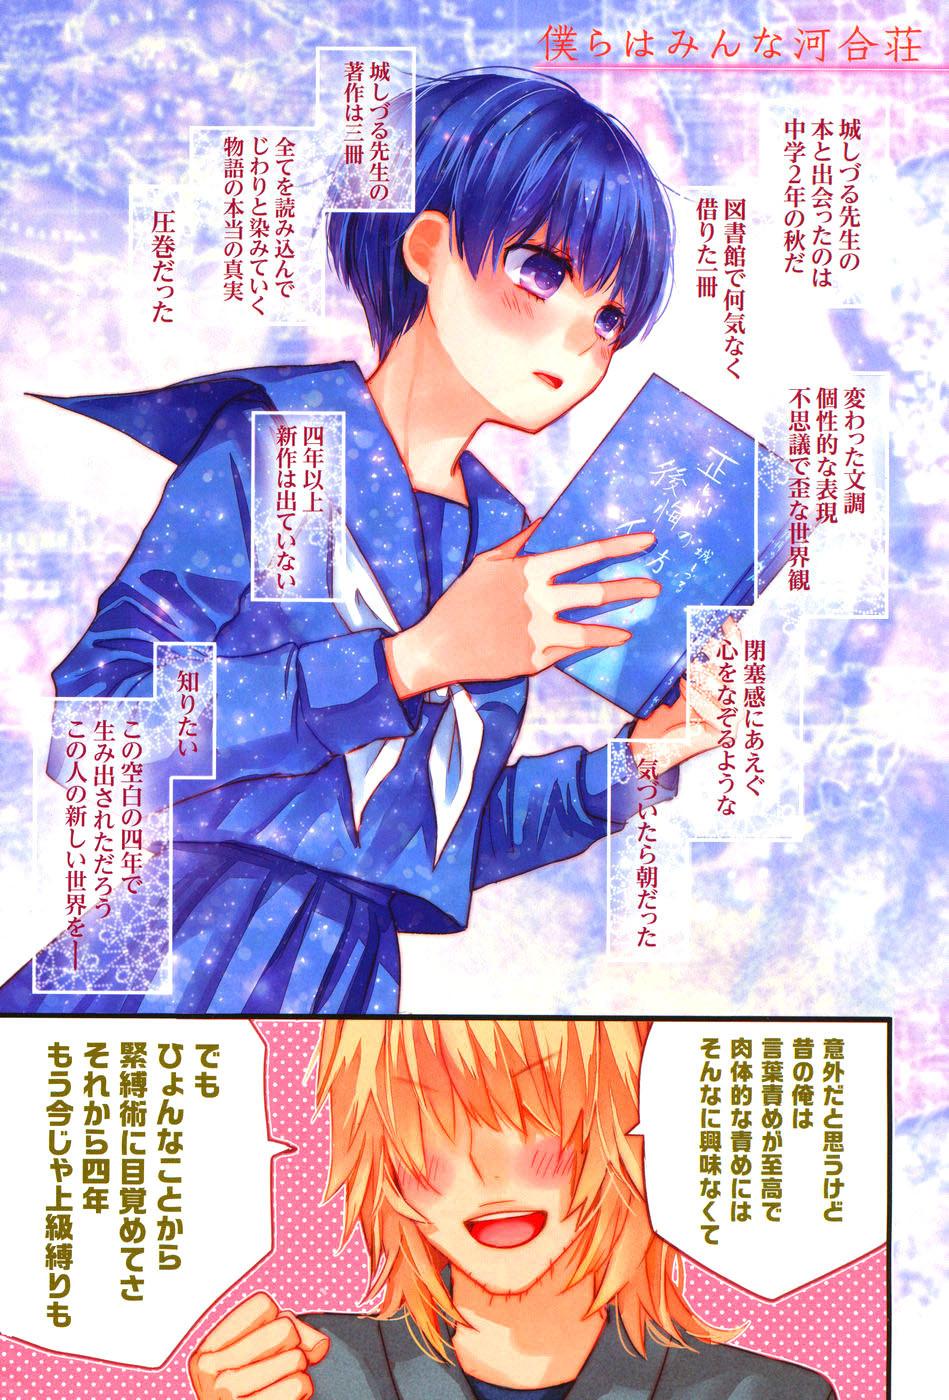 Bokura-wa-Minna-Kawaisou Chapter 83 Page 1